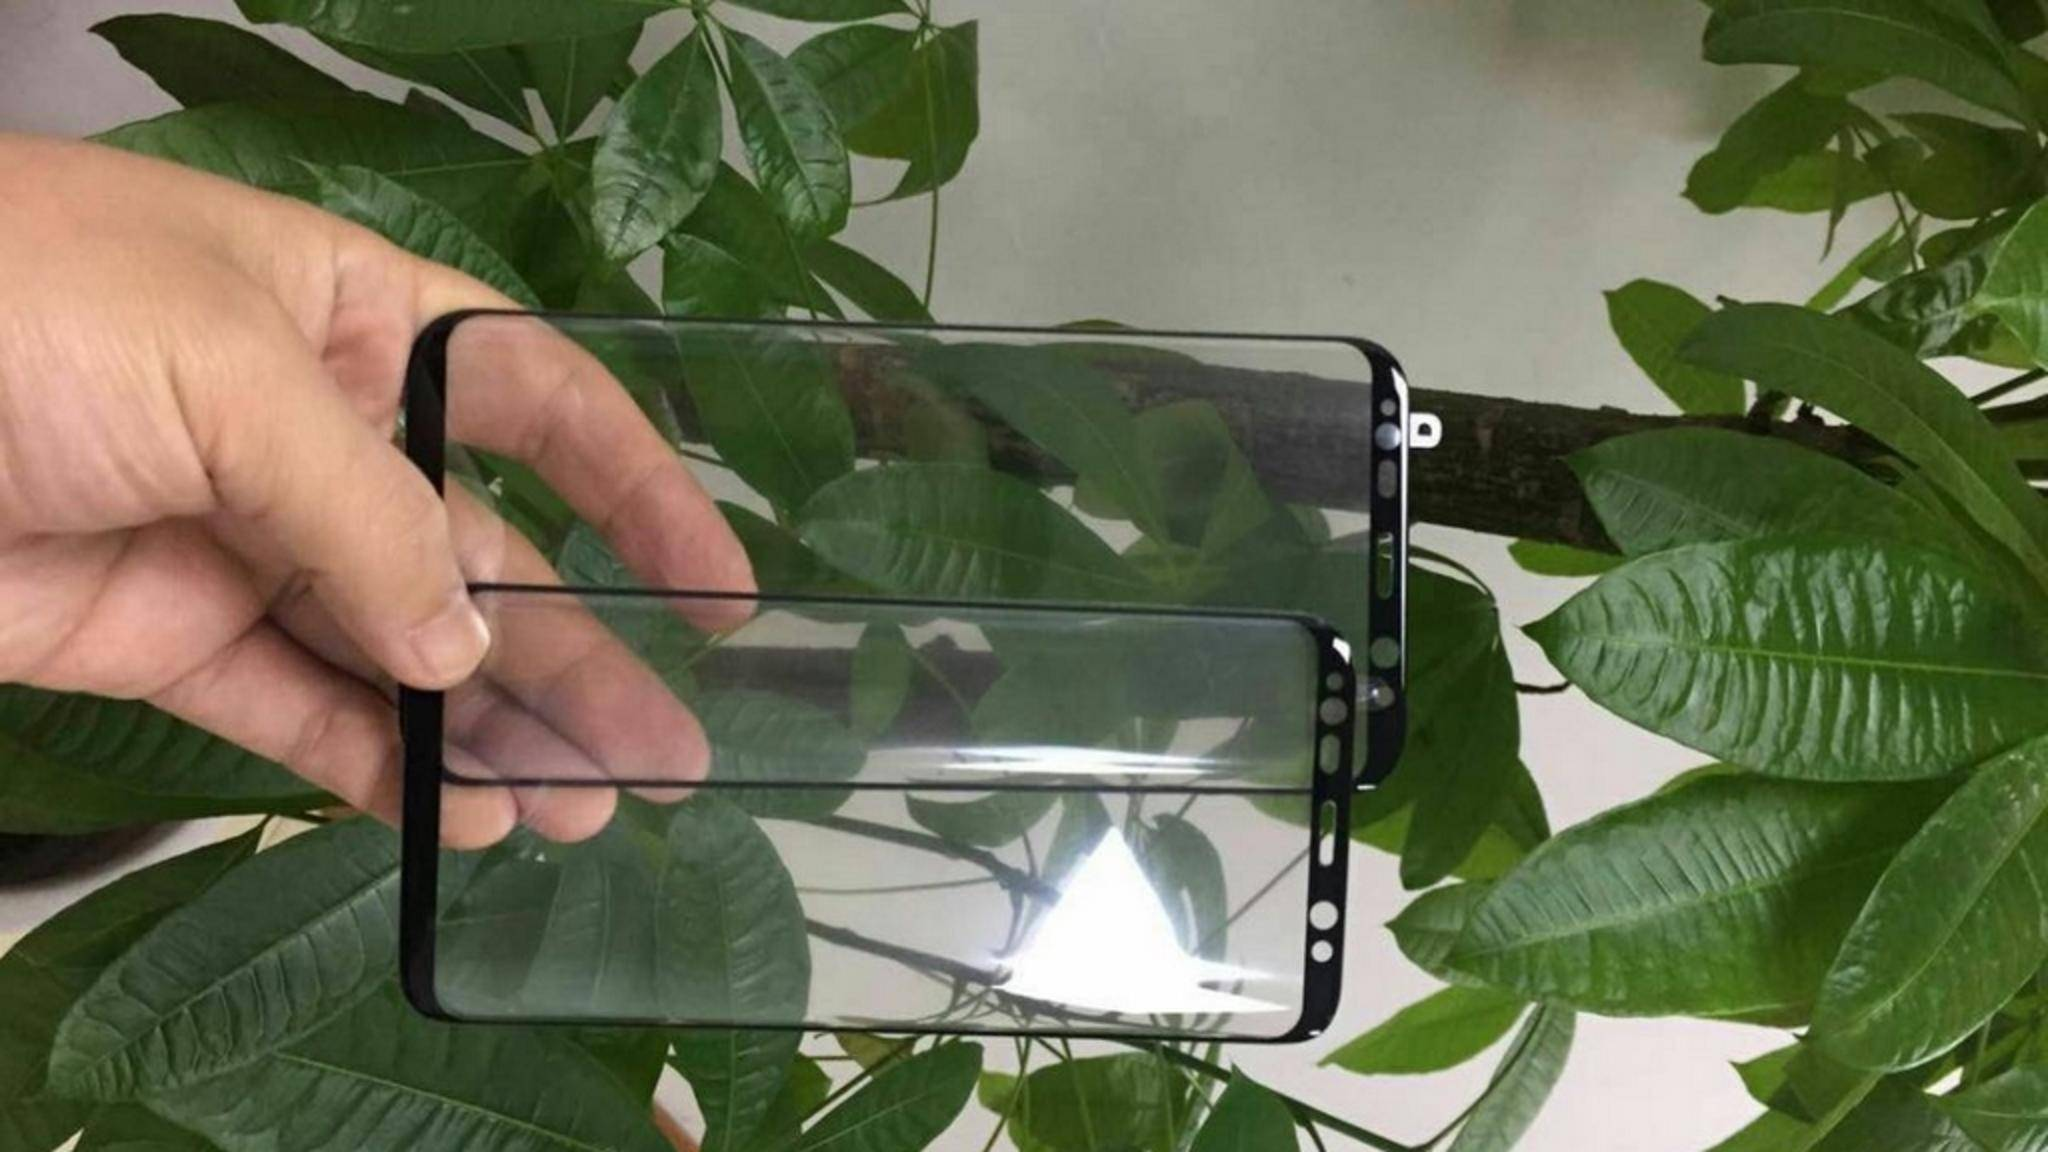 Sehen wir hier die ersten echten Bilder vom Galaxy S8?